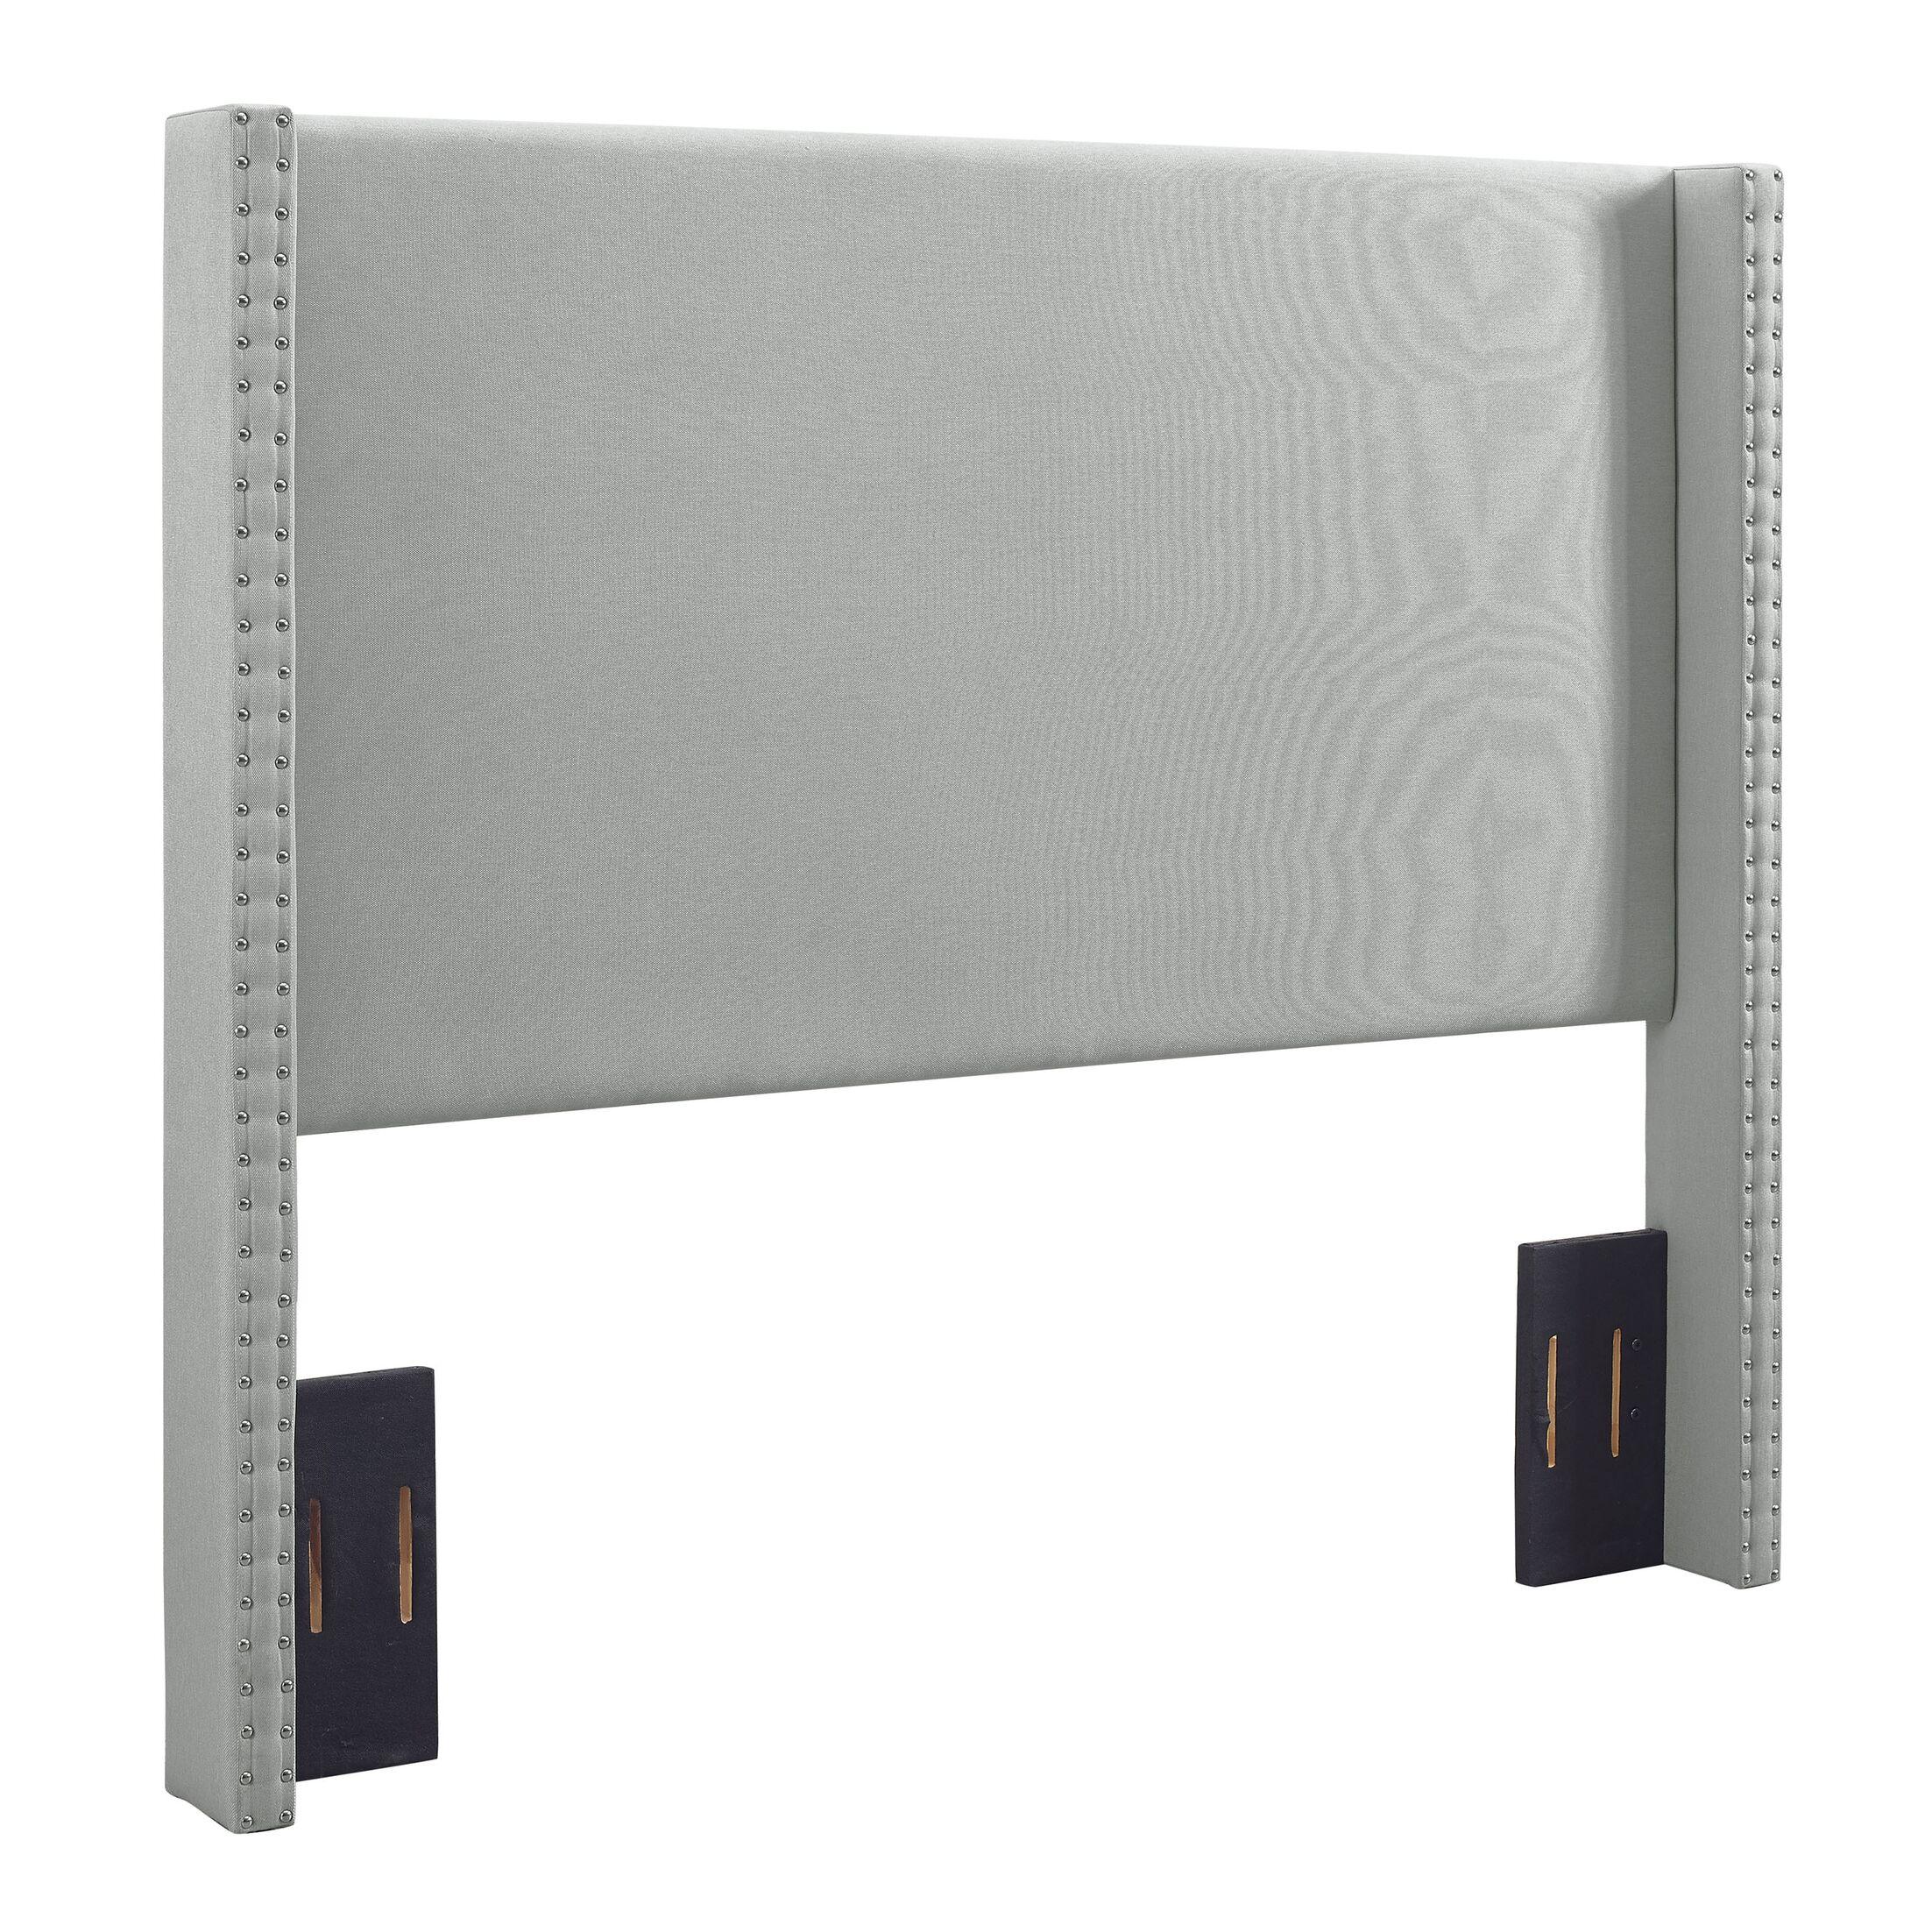 Bentson Upholstered Panel Headboard Upholstered: Dove Gray Linen, Size: King / California King